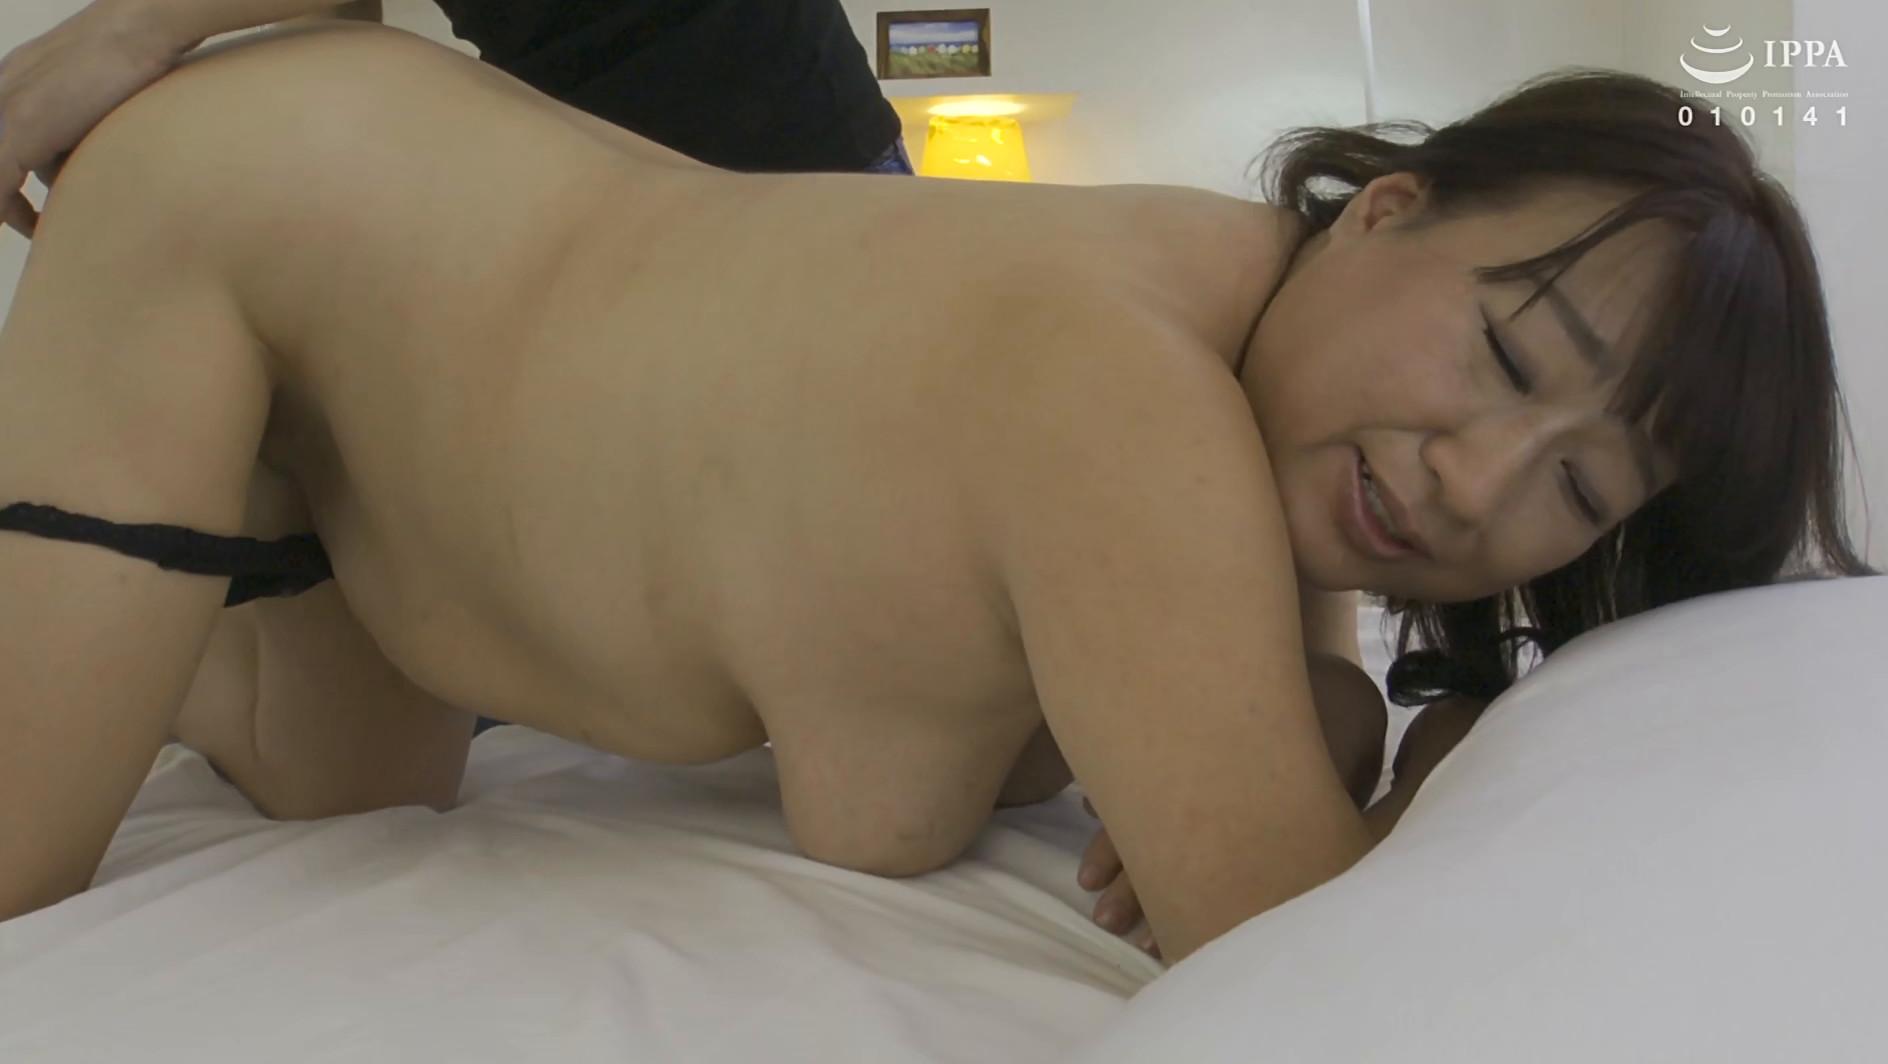 【五十路】あきよ 55歳(初脱ぎ・練馬区在住・専業主婦)